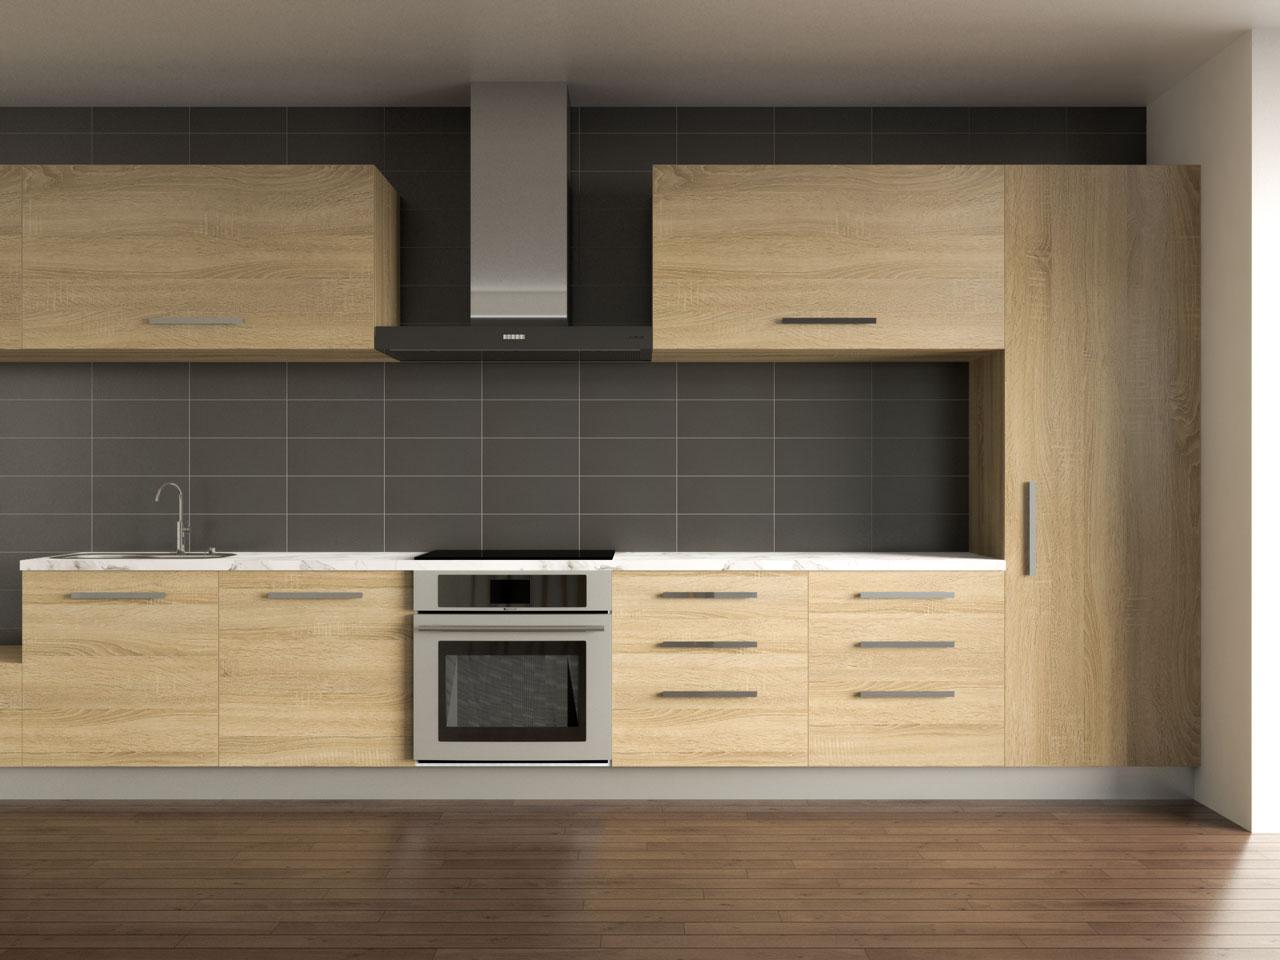 Black tile backsplash with oak cabinets